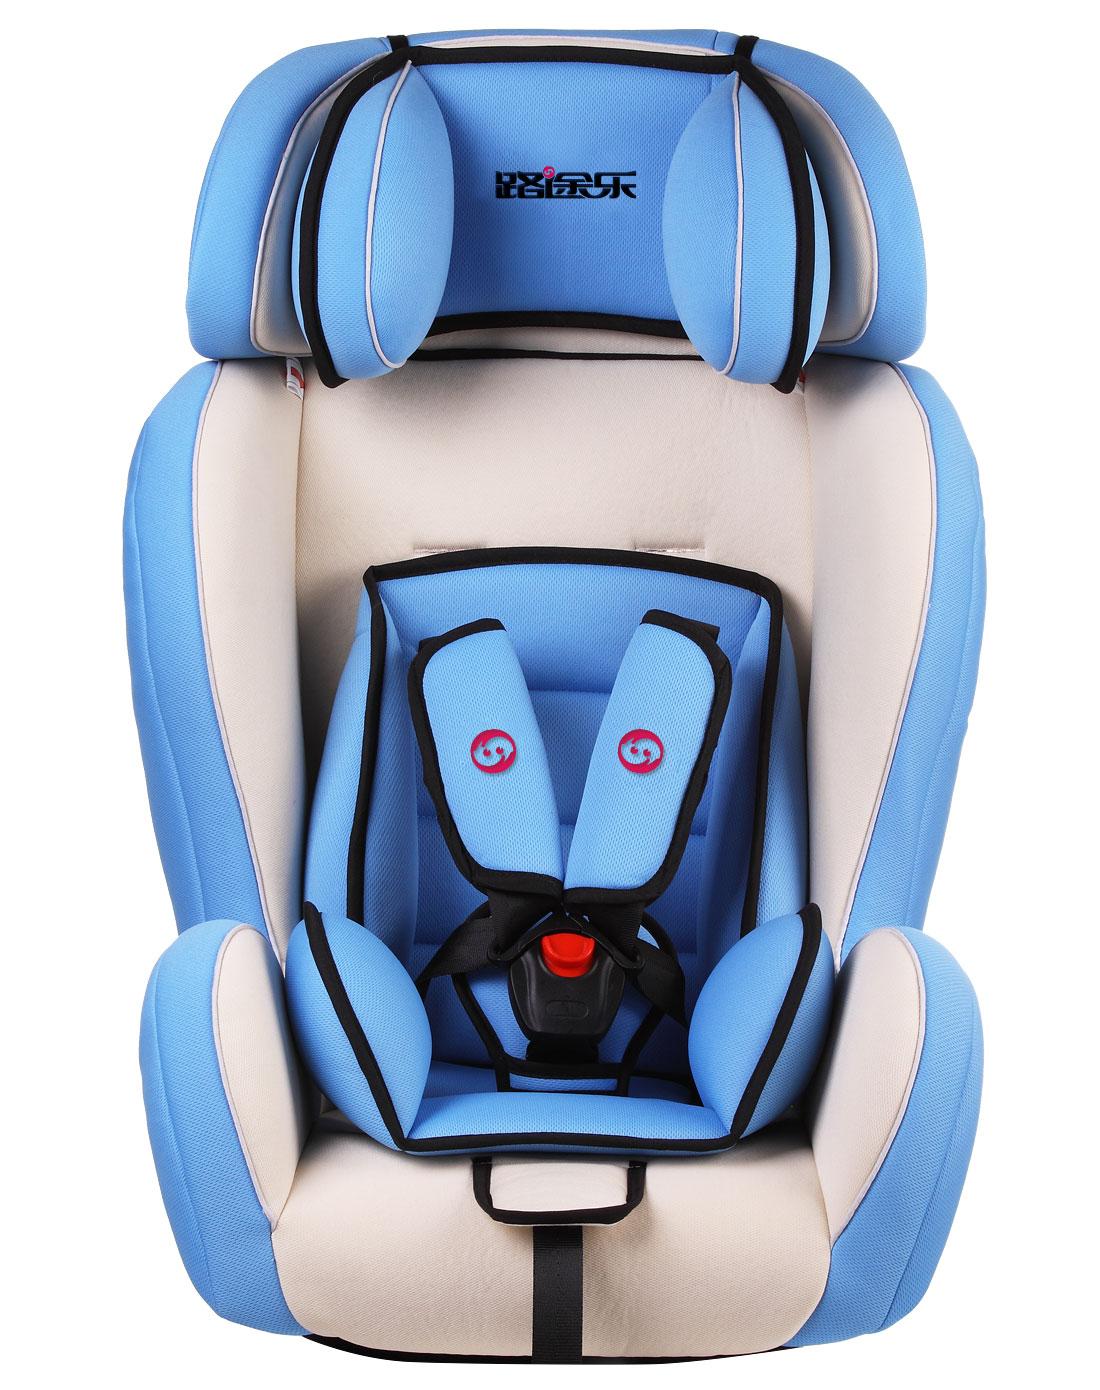 路途乐儿童座椅专场路途乐儿童汽车安全座椅乐乐猴款